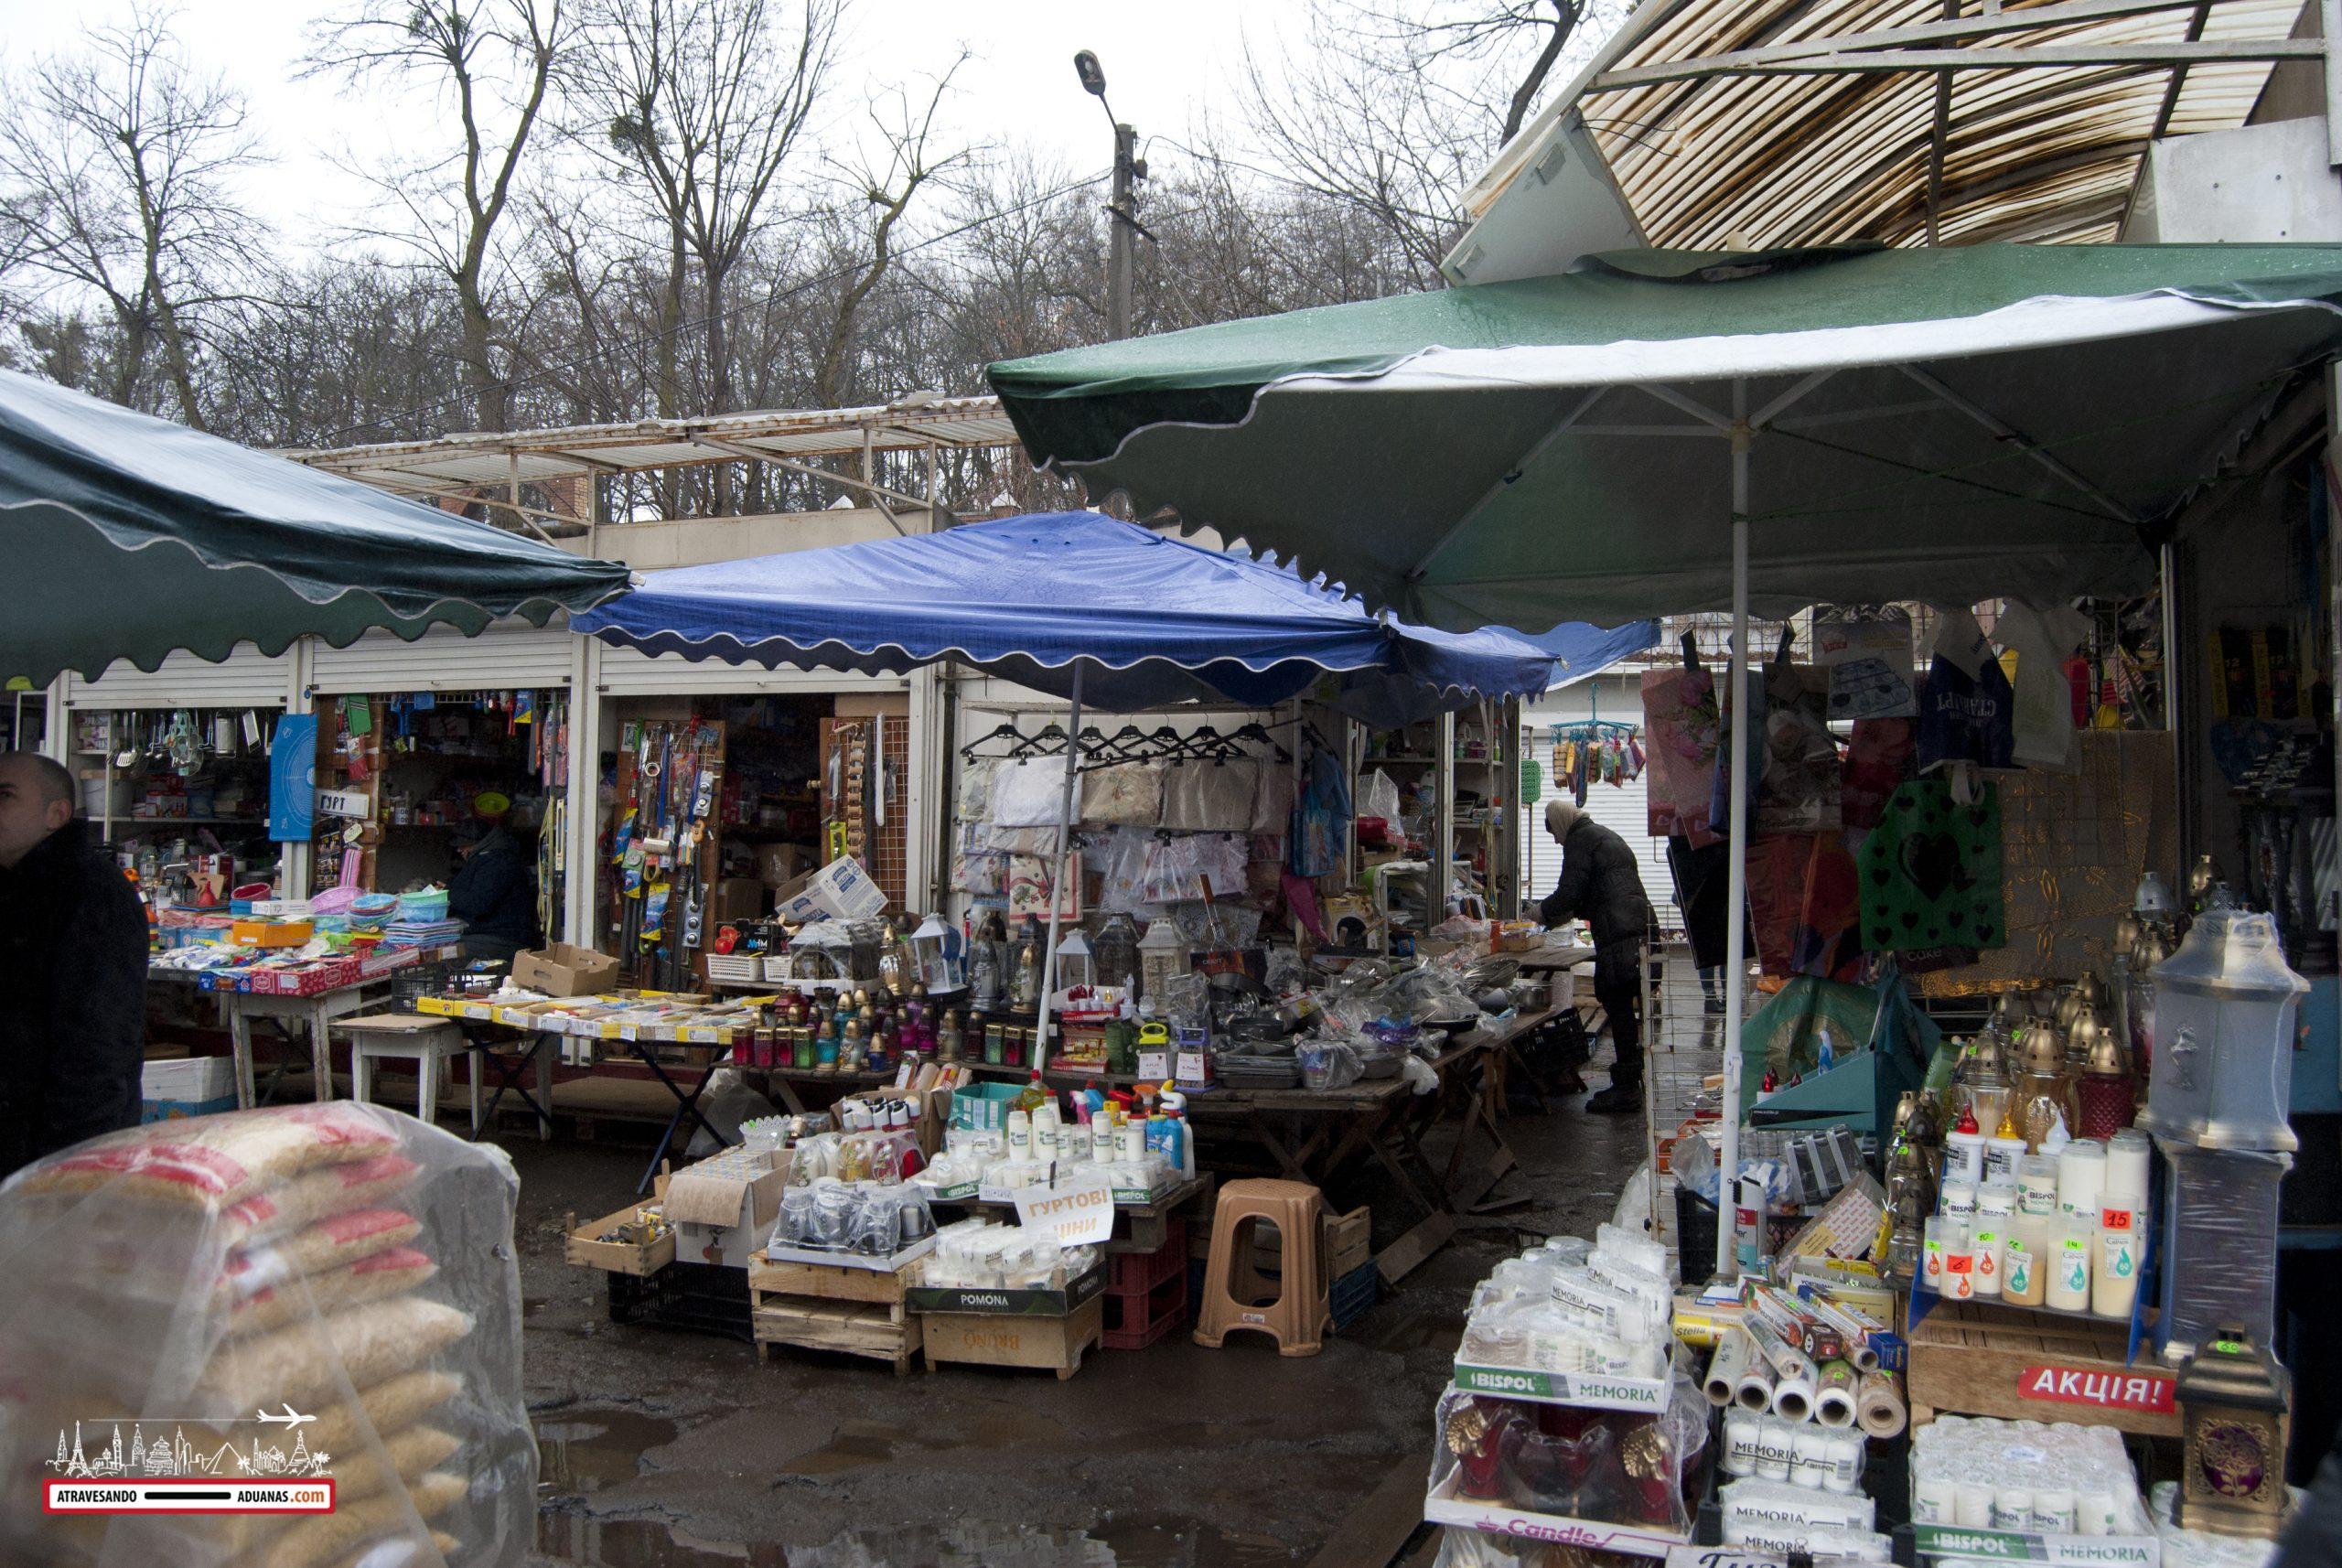 mercado exterior de krakivsky, lviv